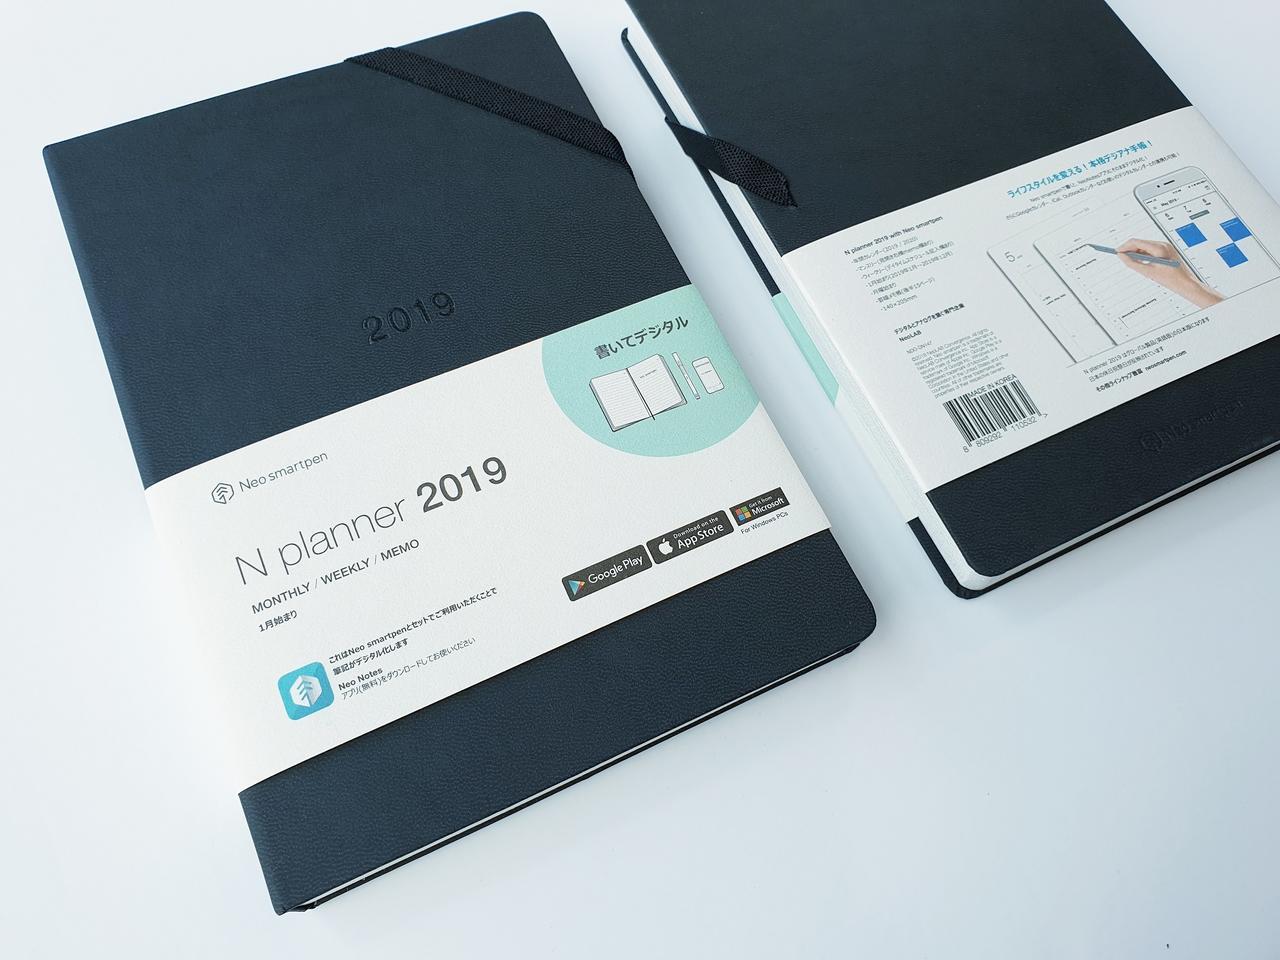 d4ce742b92 【2019最新手帳】おすすめは「N planner2019」手書き文字をデジタル化 Googleカレンダーとも連携できる!